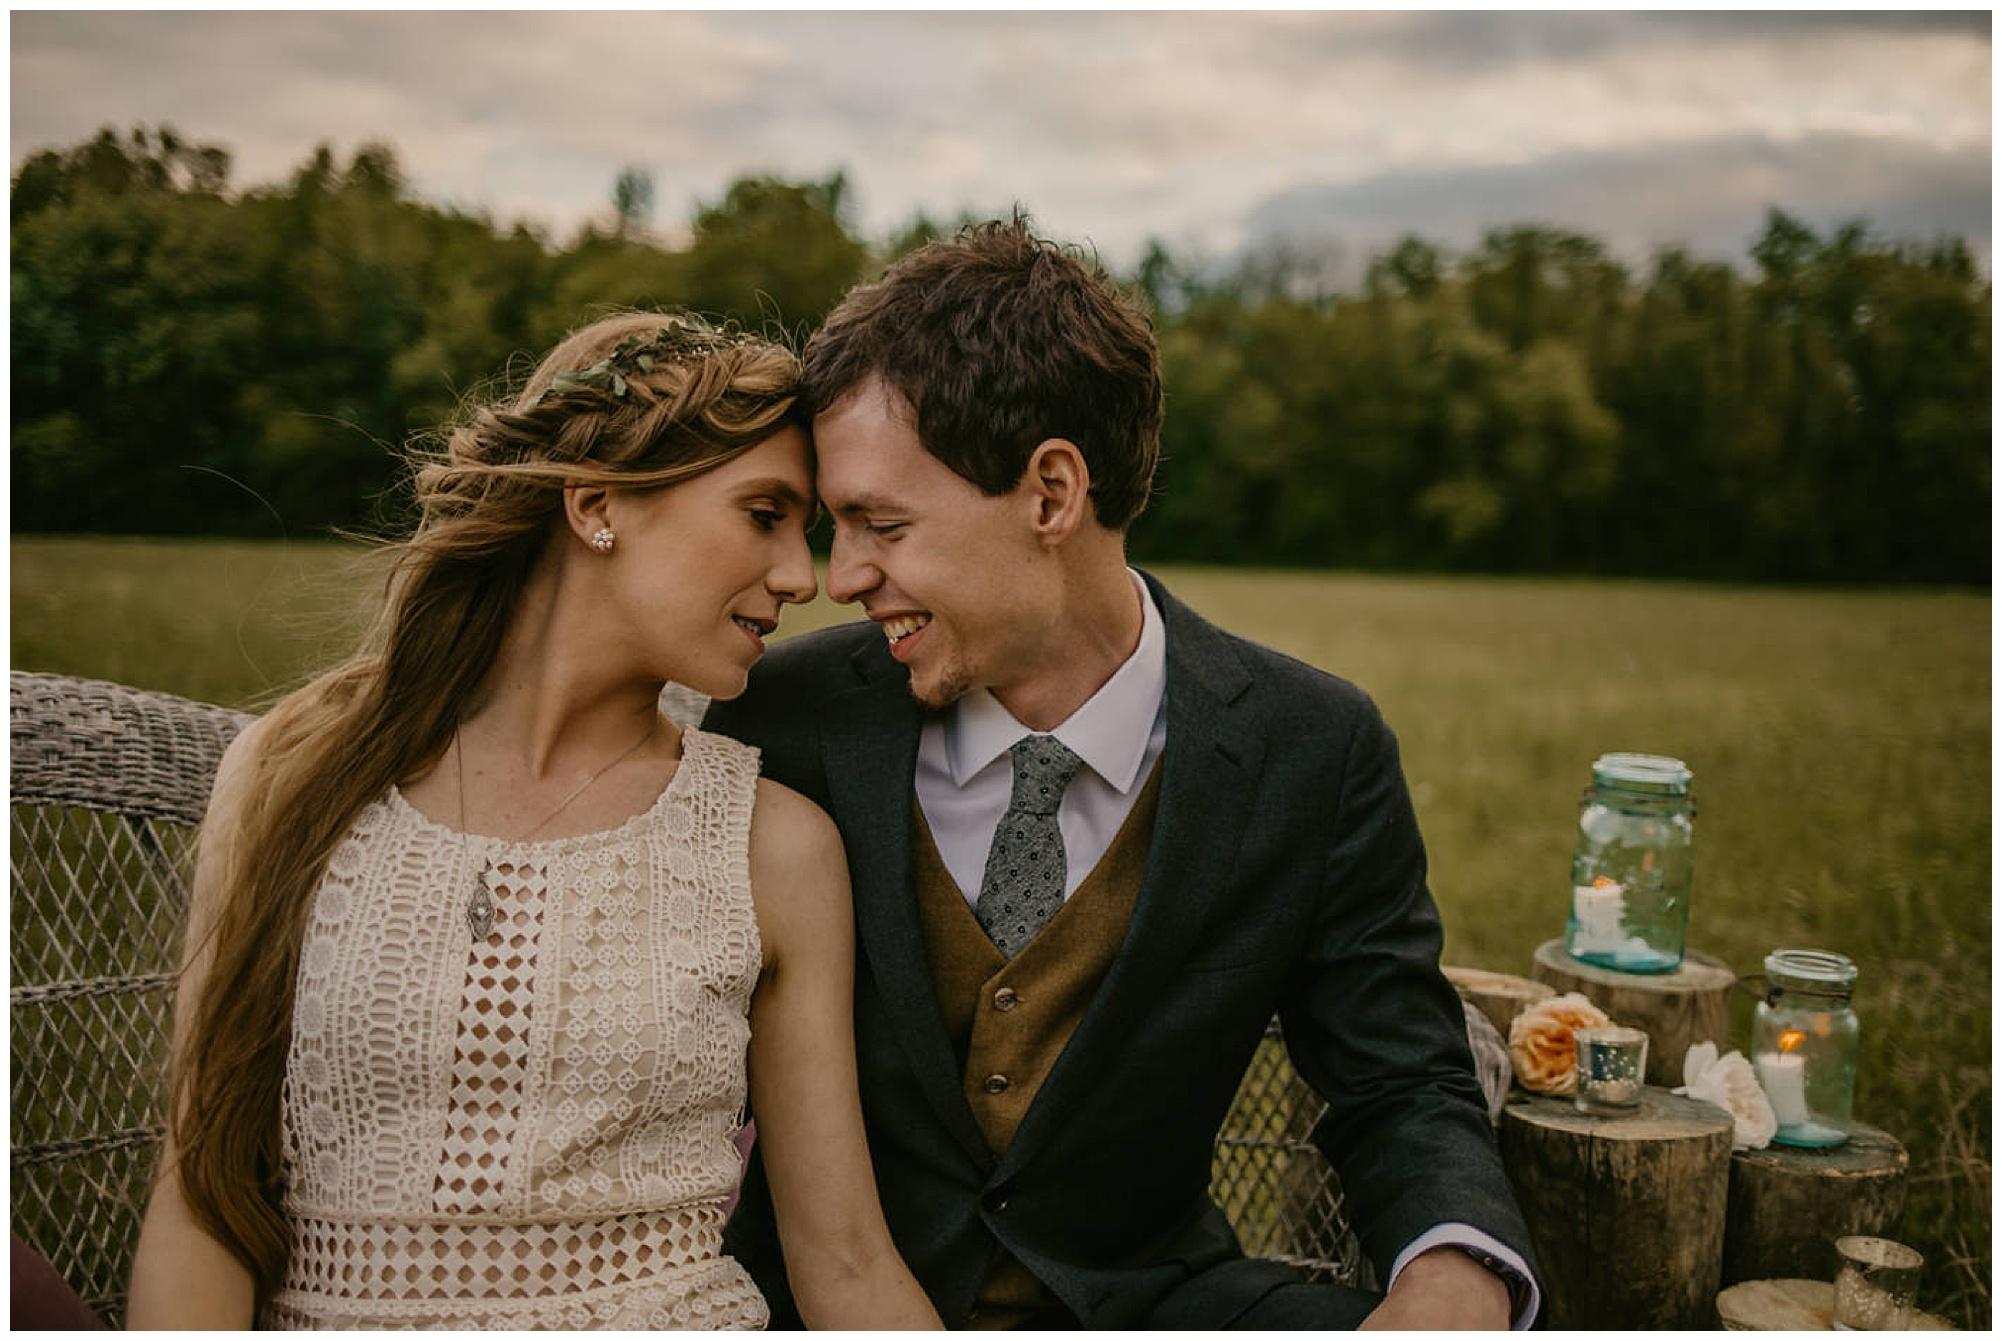 moody, vintage, boho wedding style on maryland eastern shore. chesapeake bay area elopement.